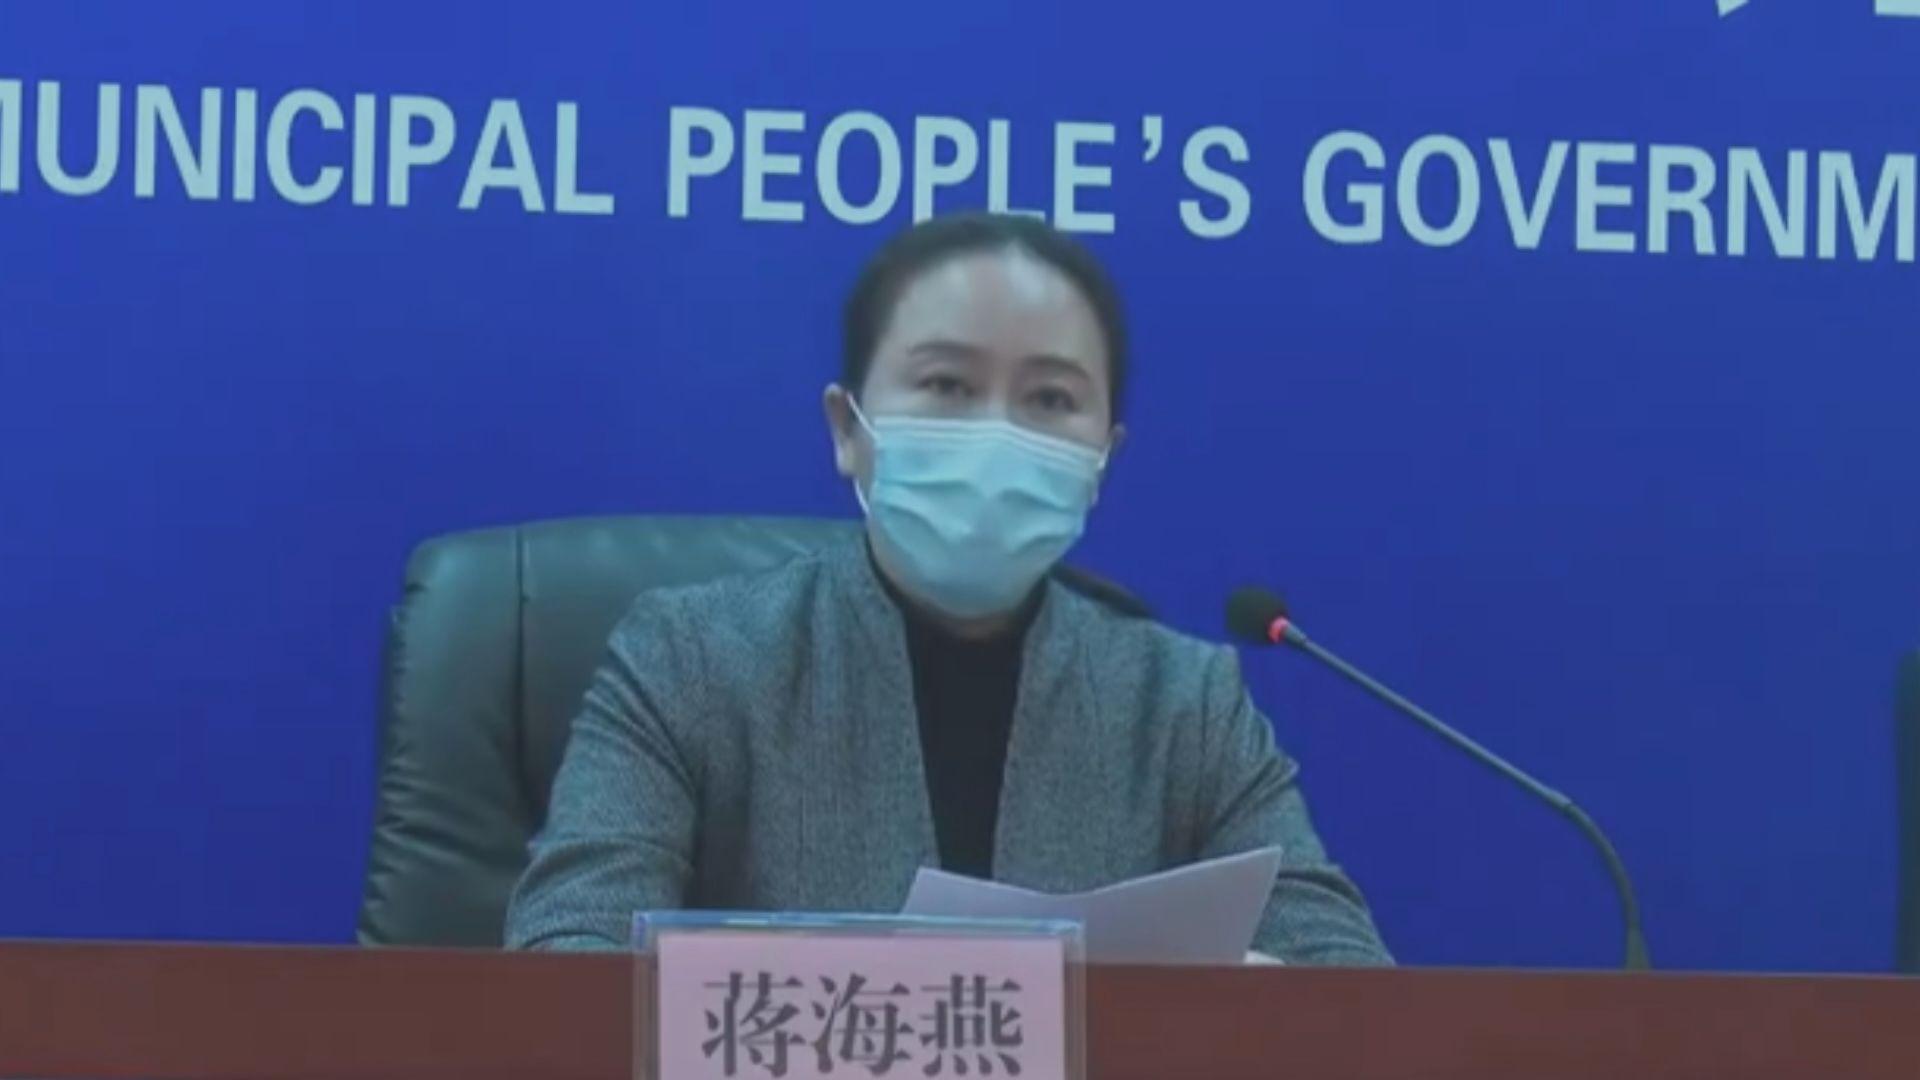 吉林省通化市疫情未受控 封區居民指面臨斷糧副市長致歉